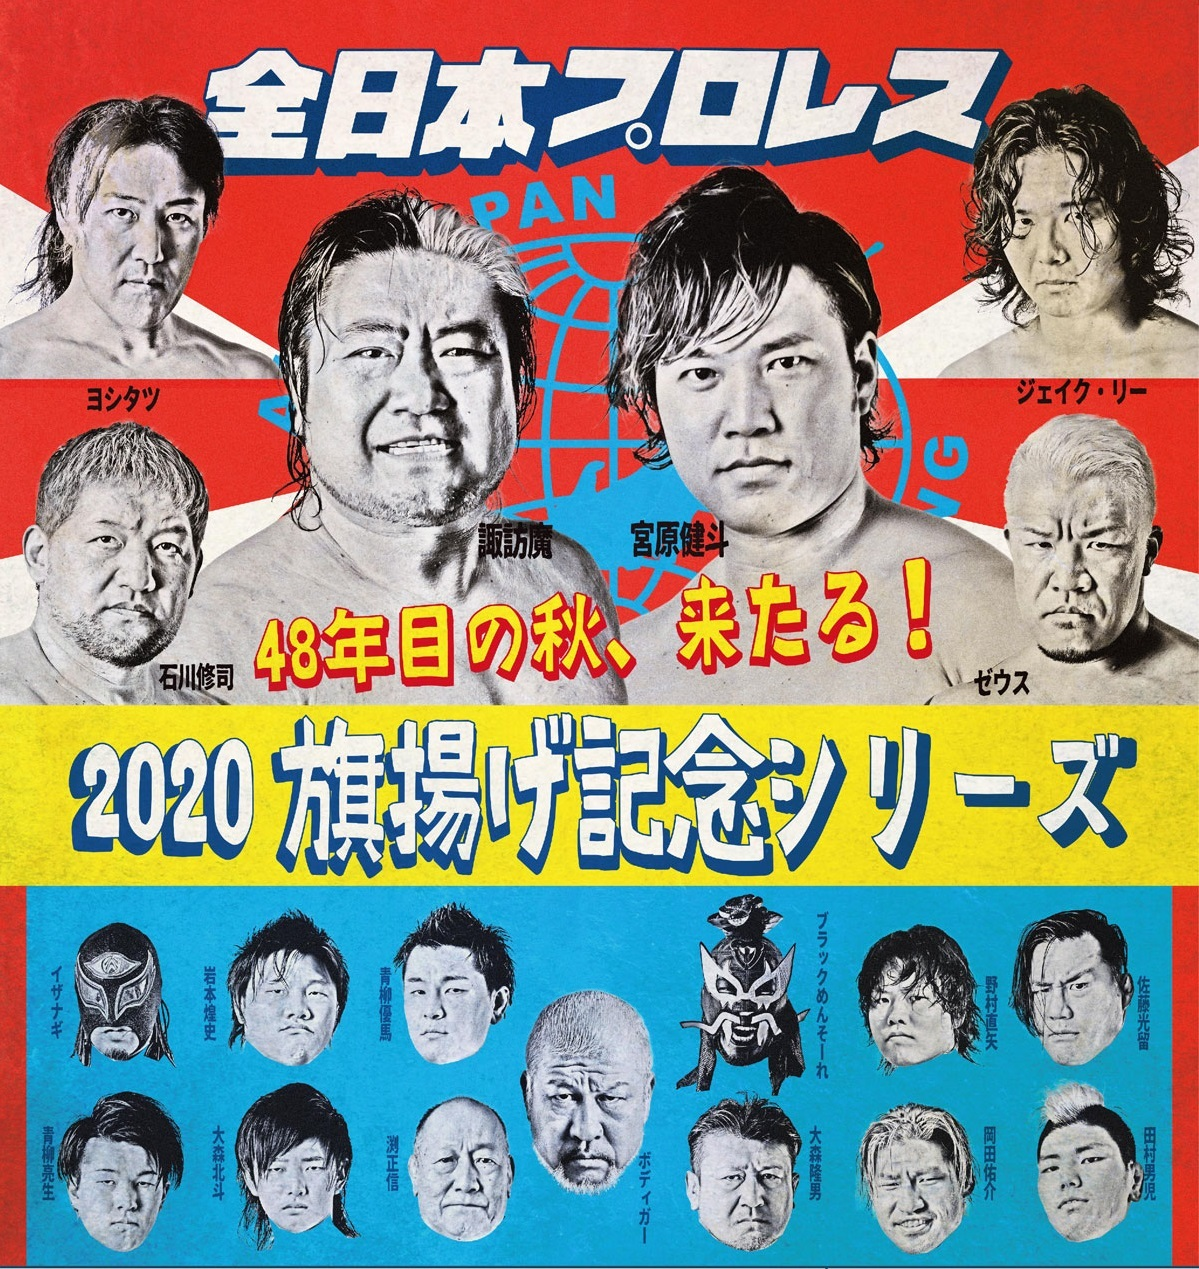 全日本プロレスは10月17日(土)・18日(日)・24日(土)に『2020 旗揚げ記念シリーズ』を開催する